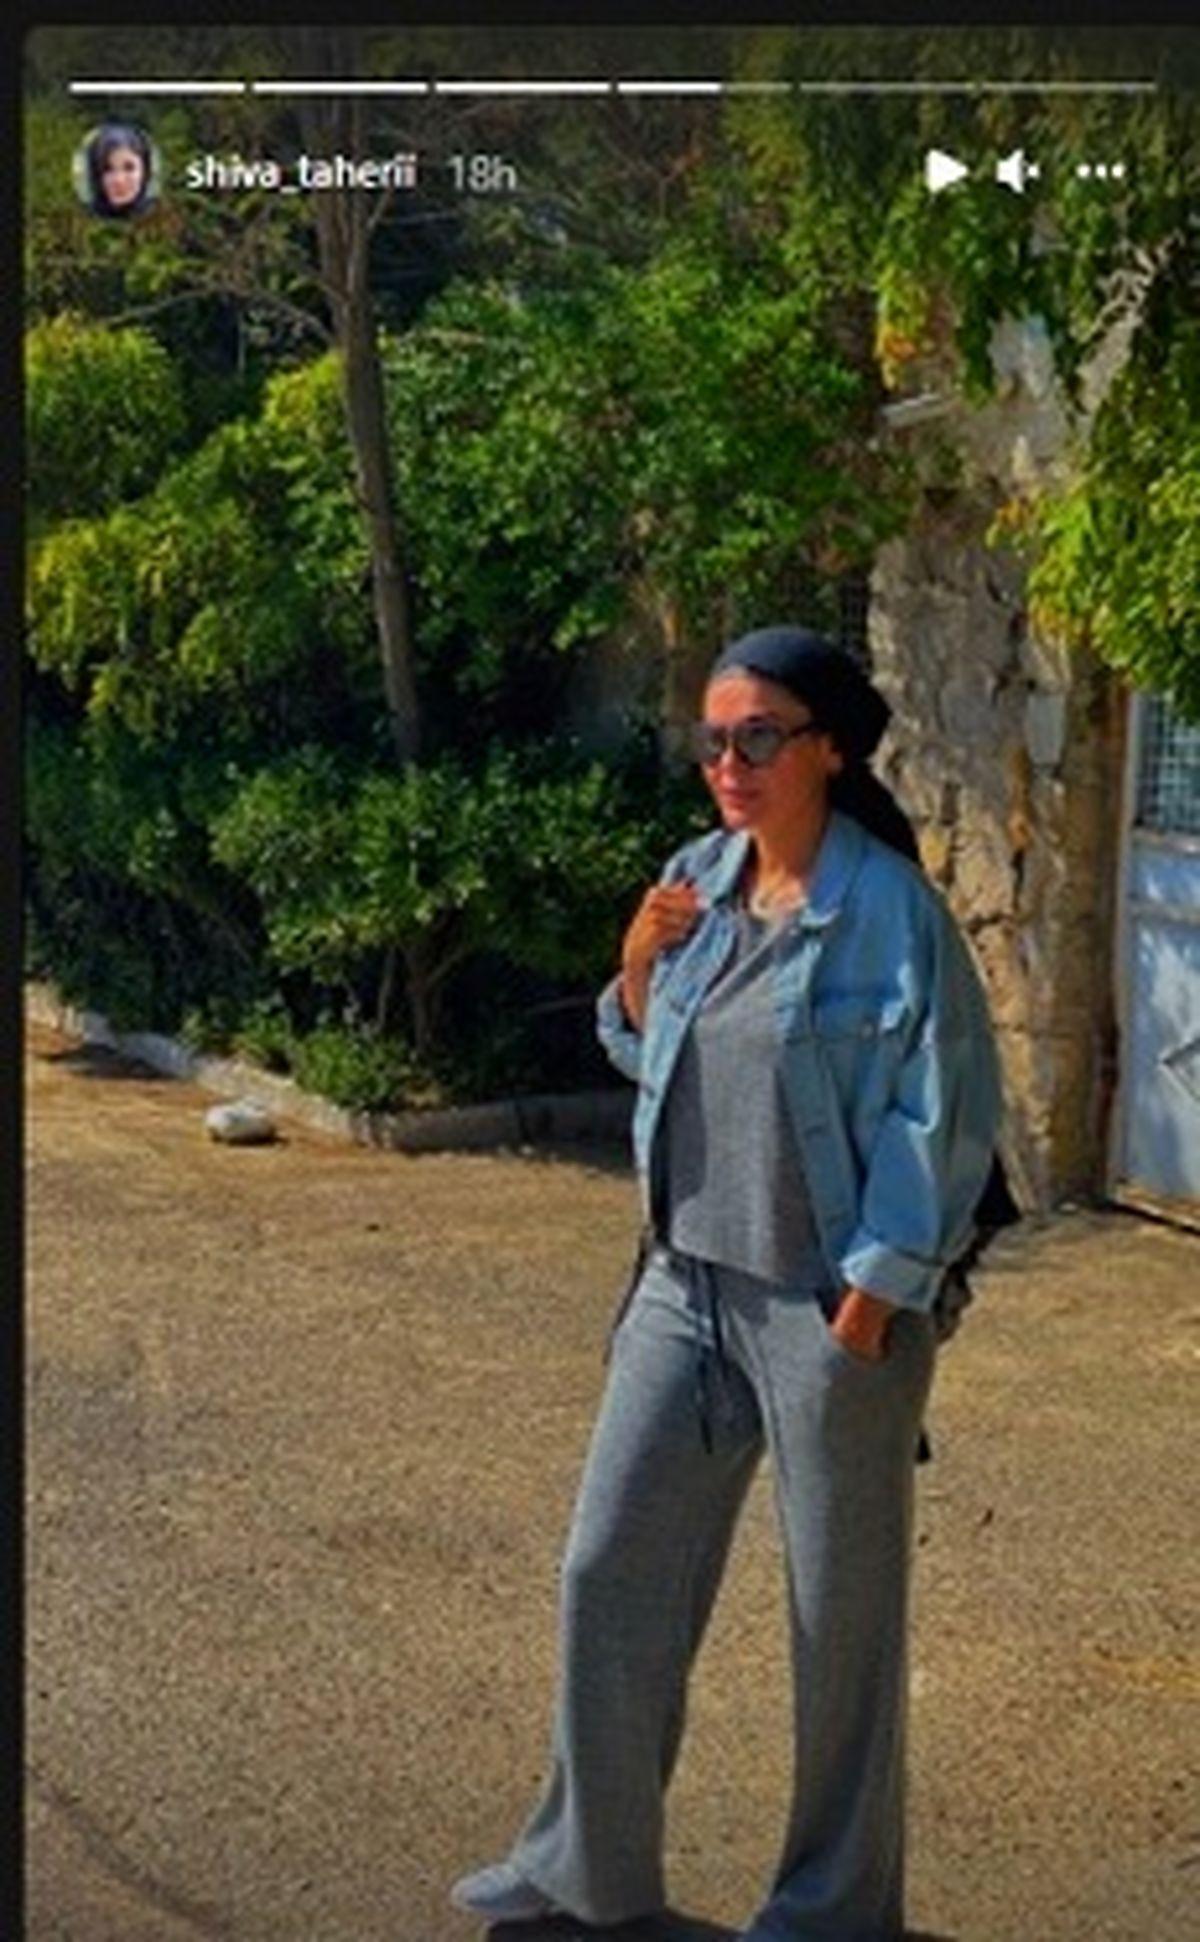 تیپ نامتعارف شیوا طاهری در حال پیاده روی +عکس